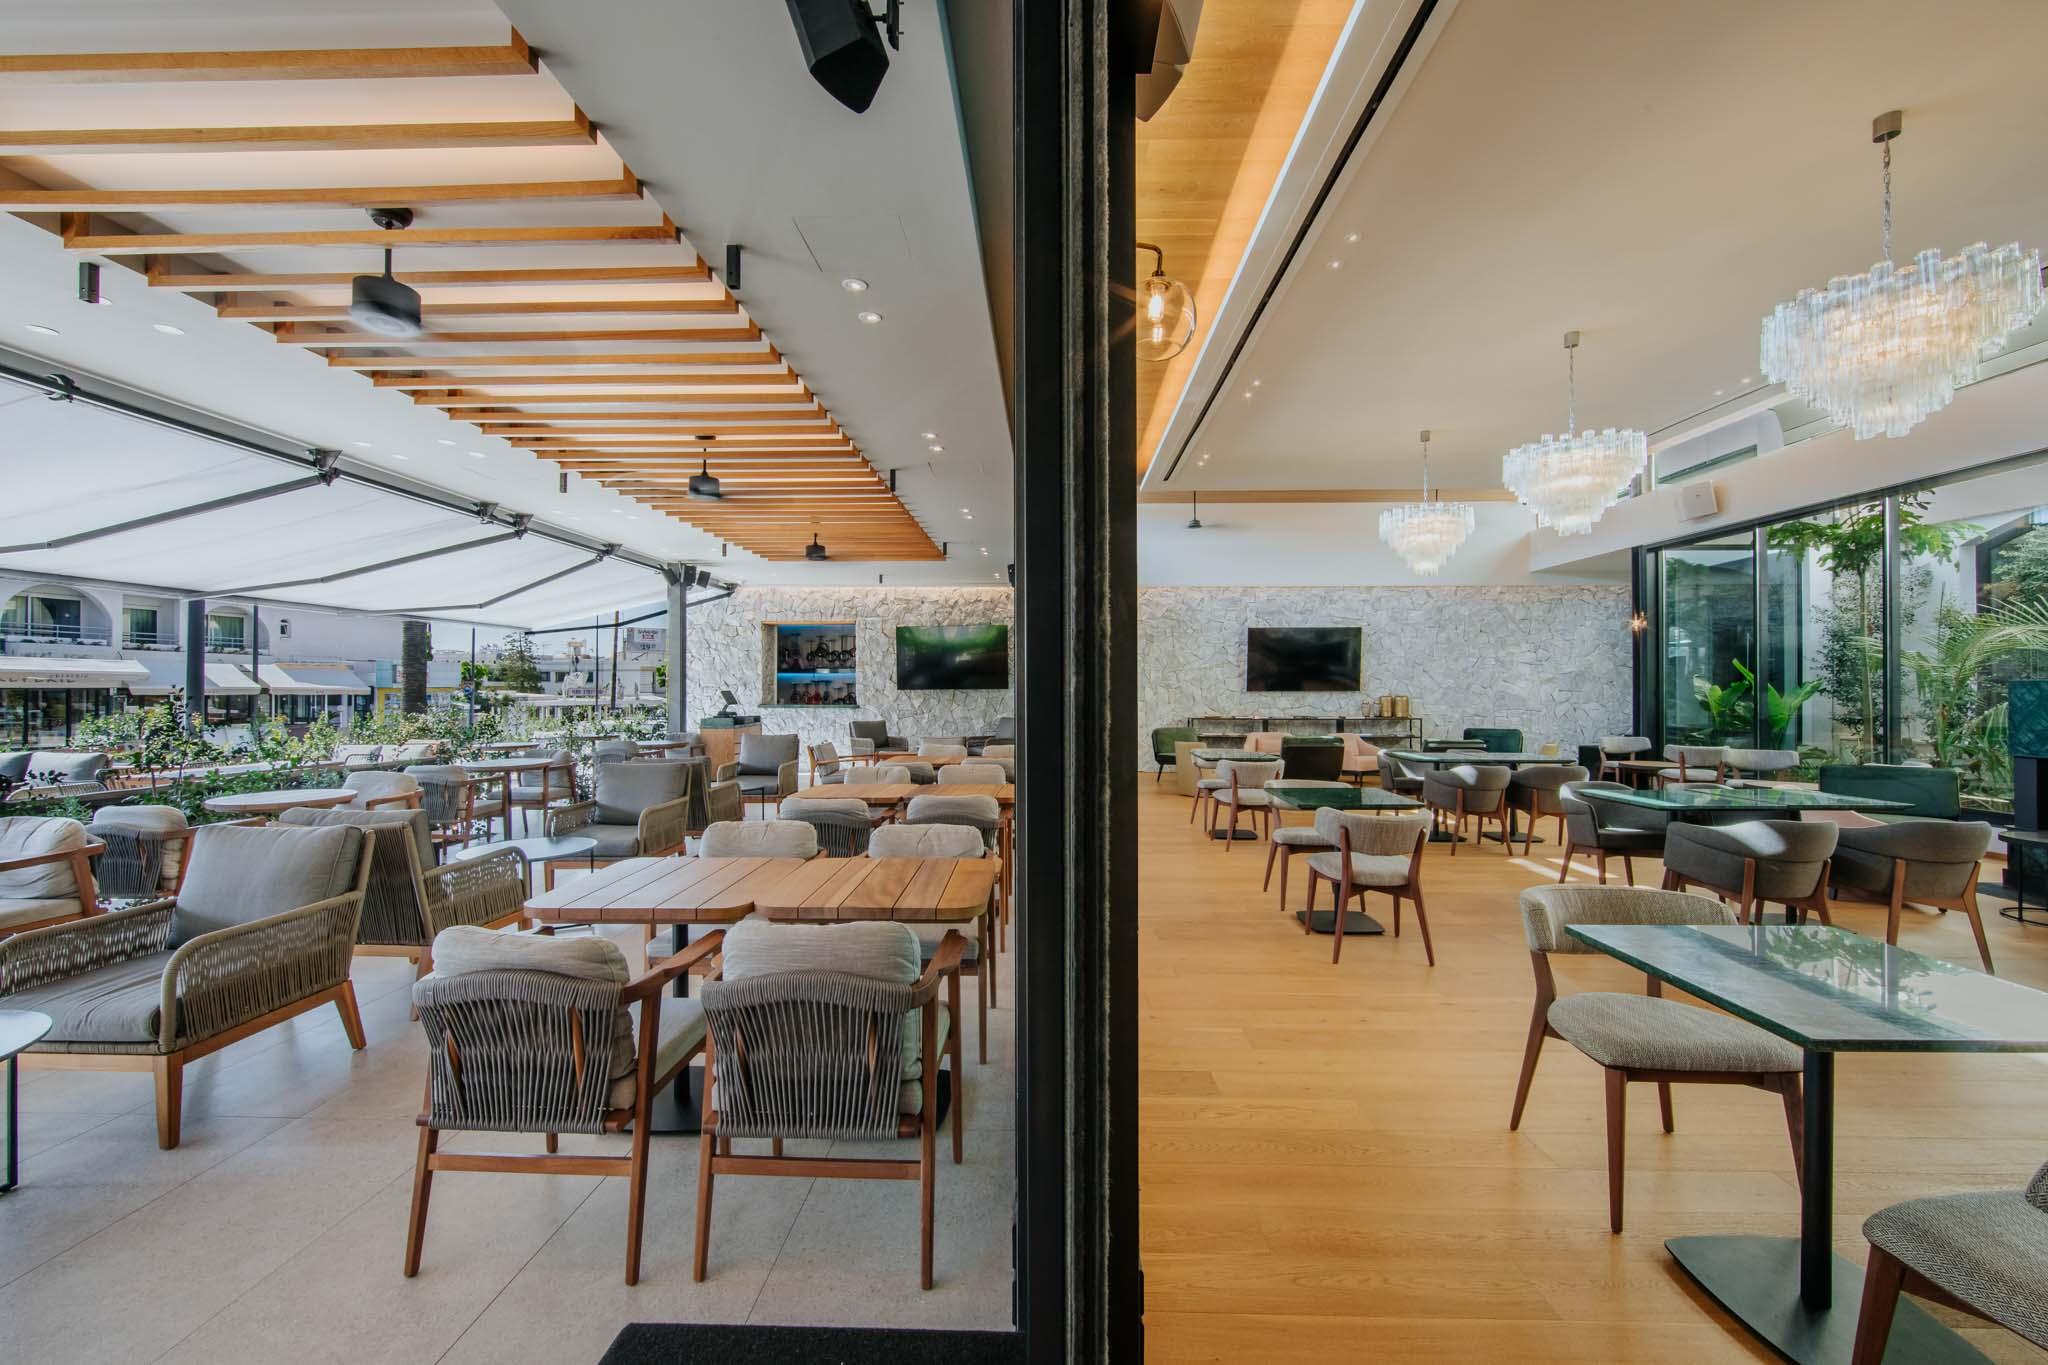 Napa-Plaza-restaurants-319